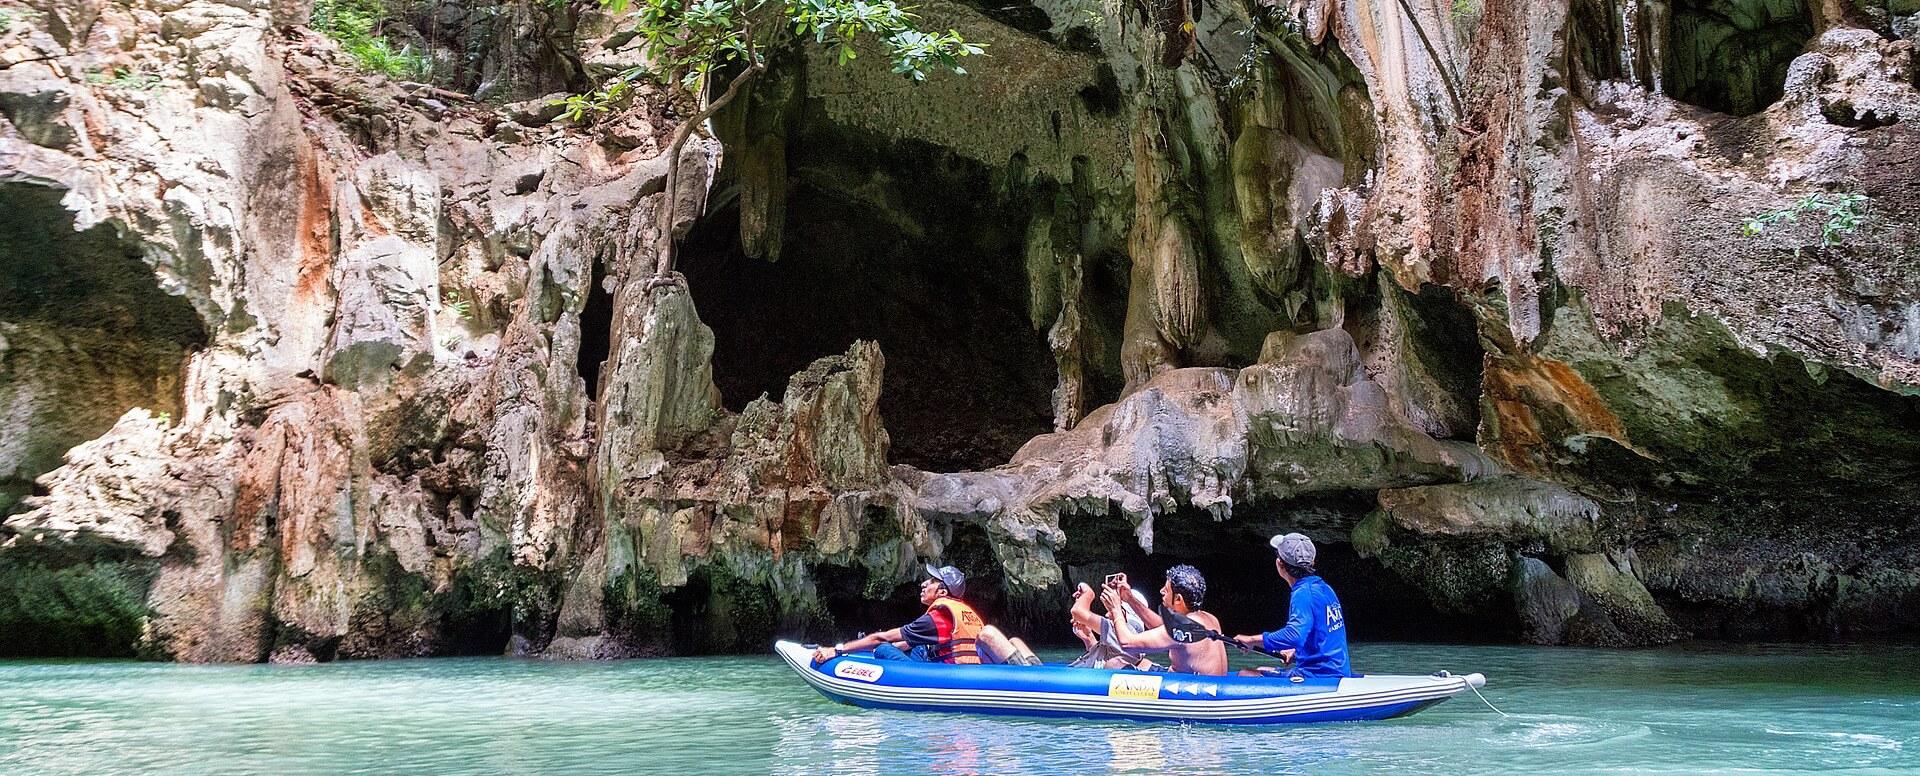 6. Faire une excursion en kayak dans la baie de Phang Nga - Thaïlande